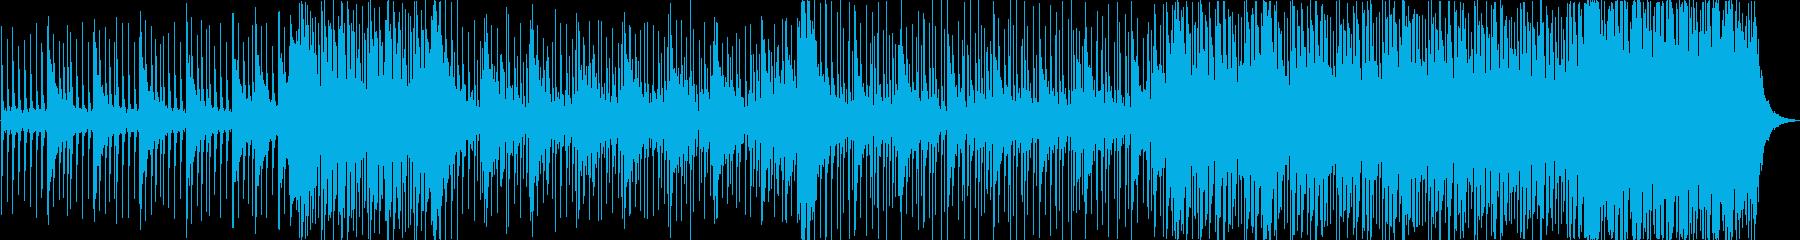 鼓動を表現した躍動感溢れる和太鼓BGMの再生済みの波形